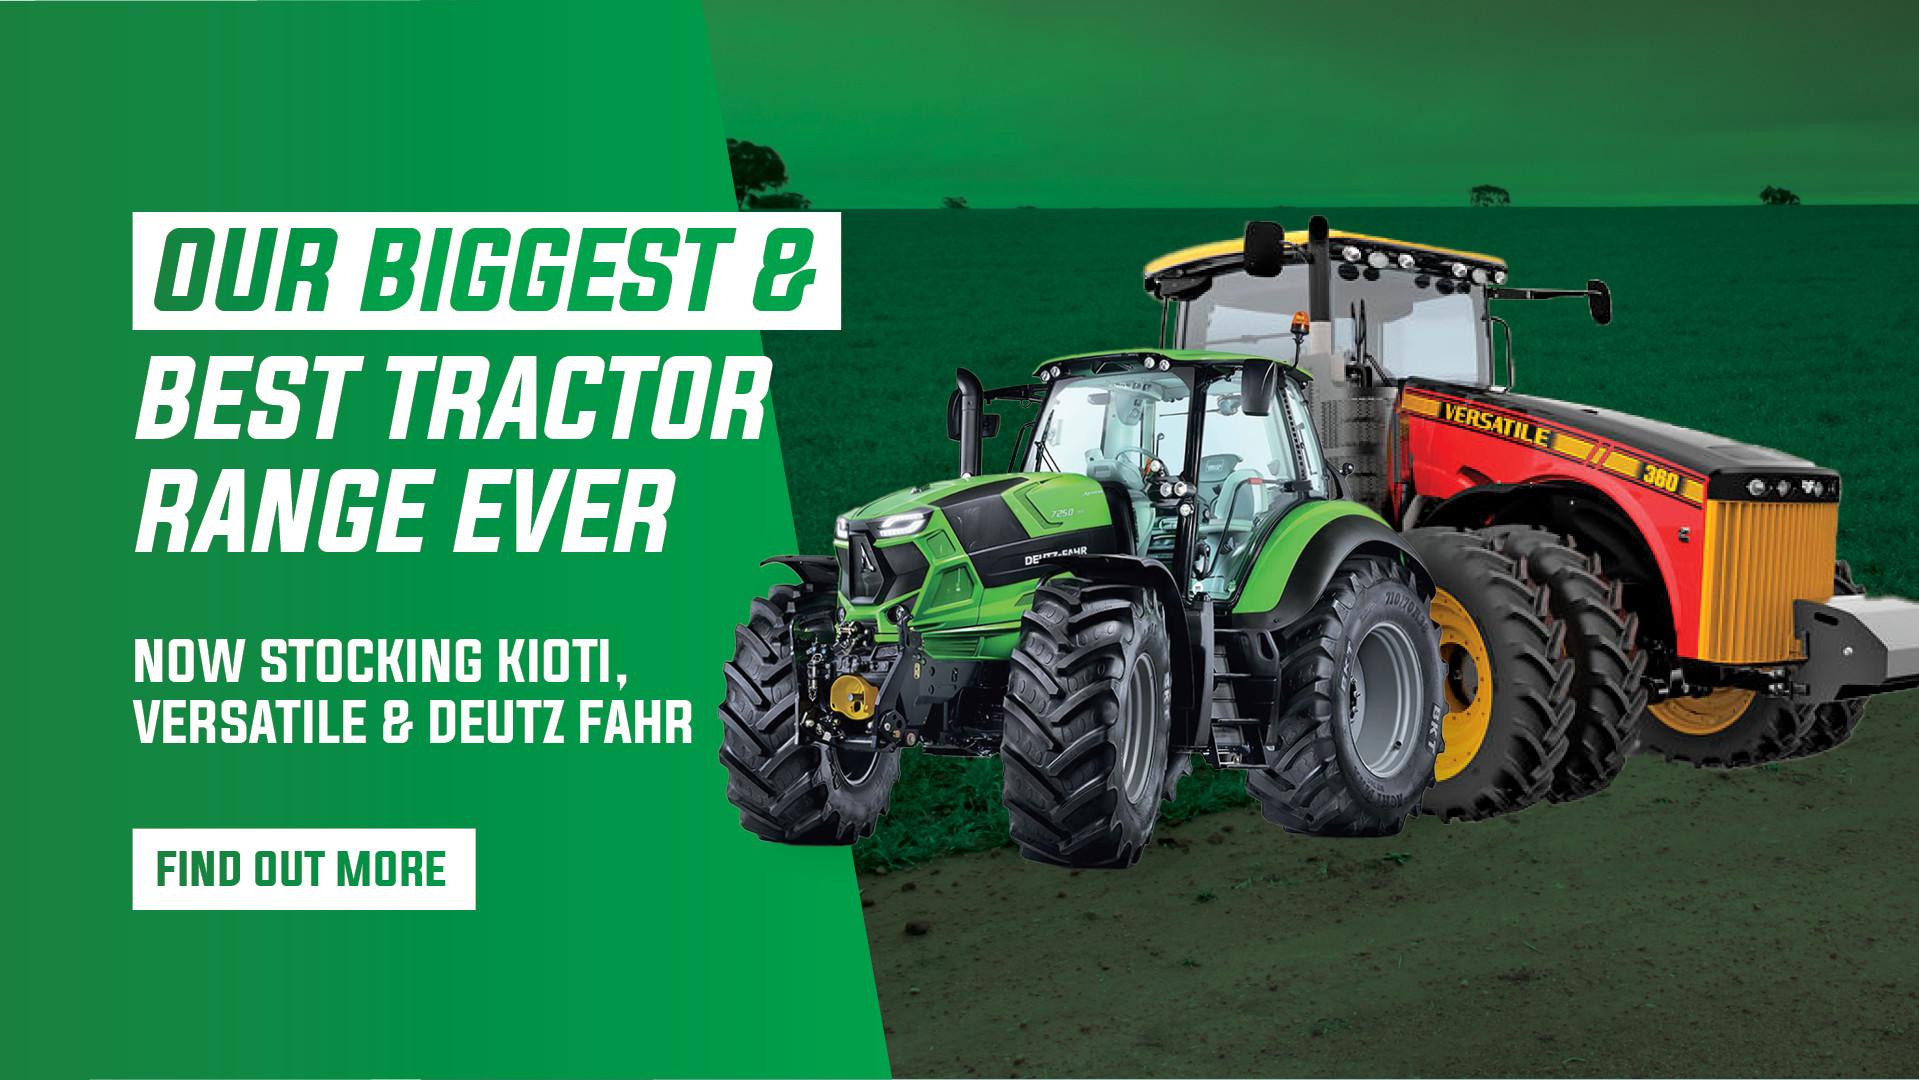 Tractor Brands Promo.jpg